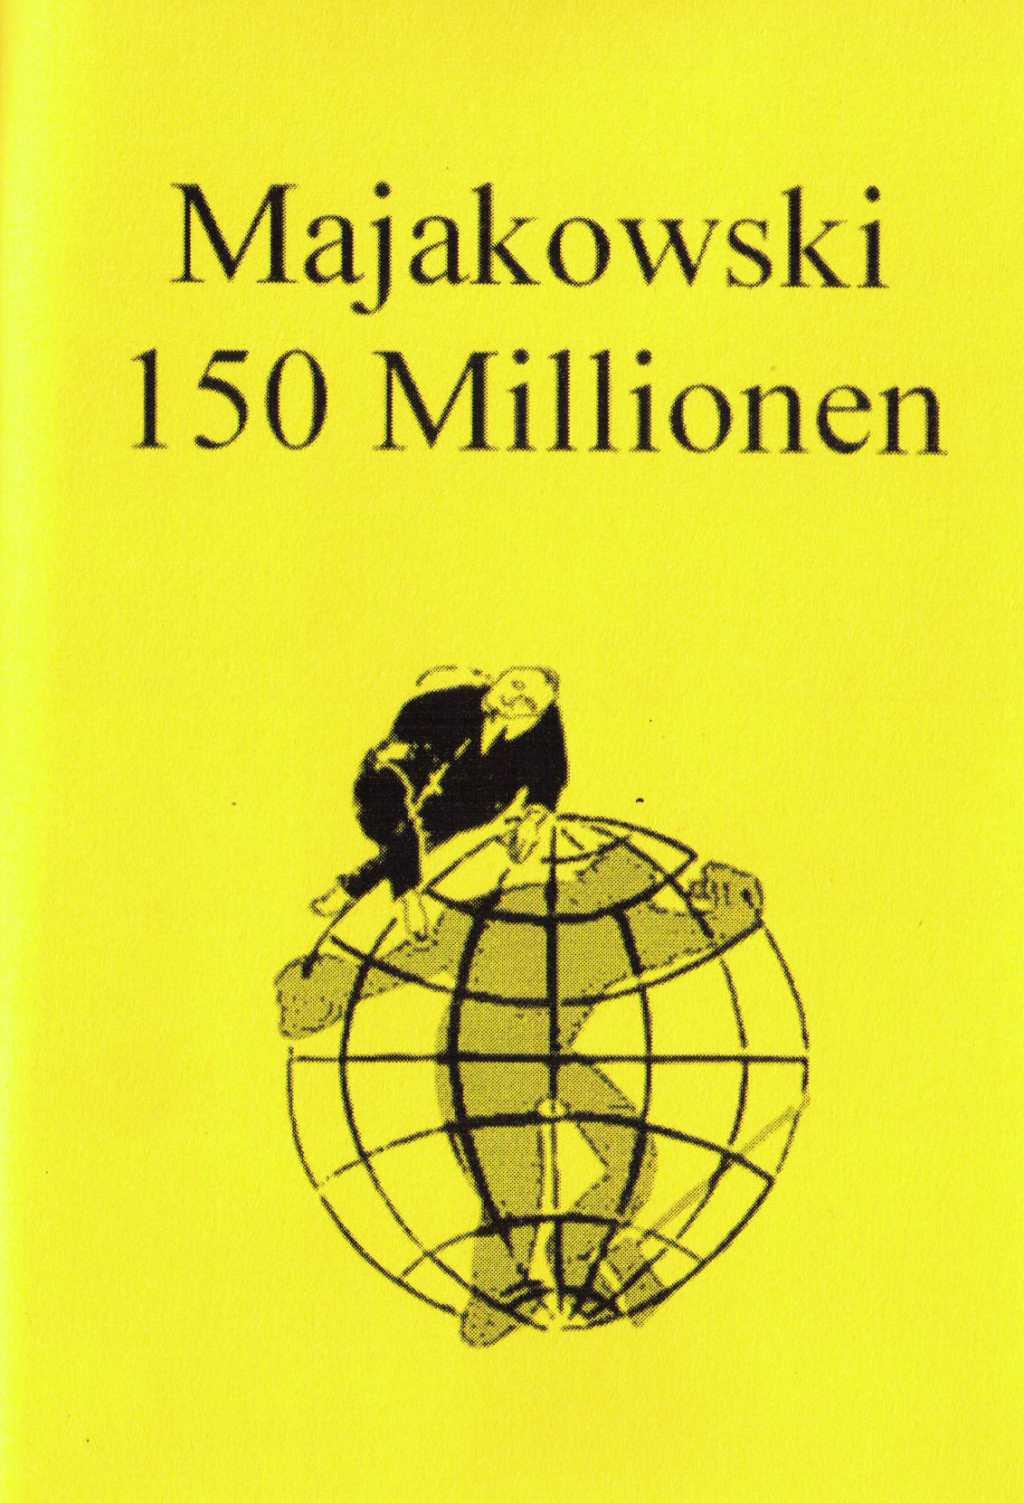 Majakowski 150 Millionen